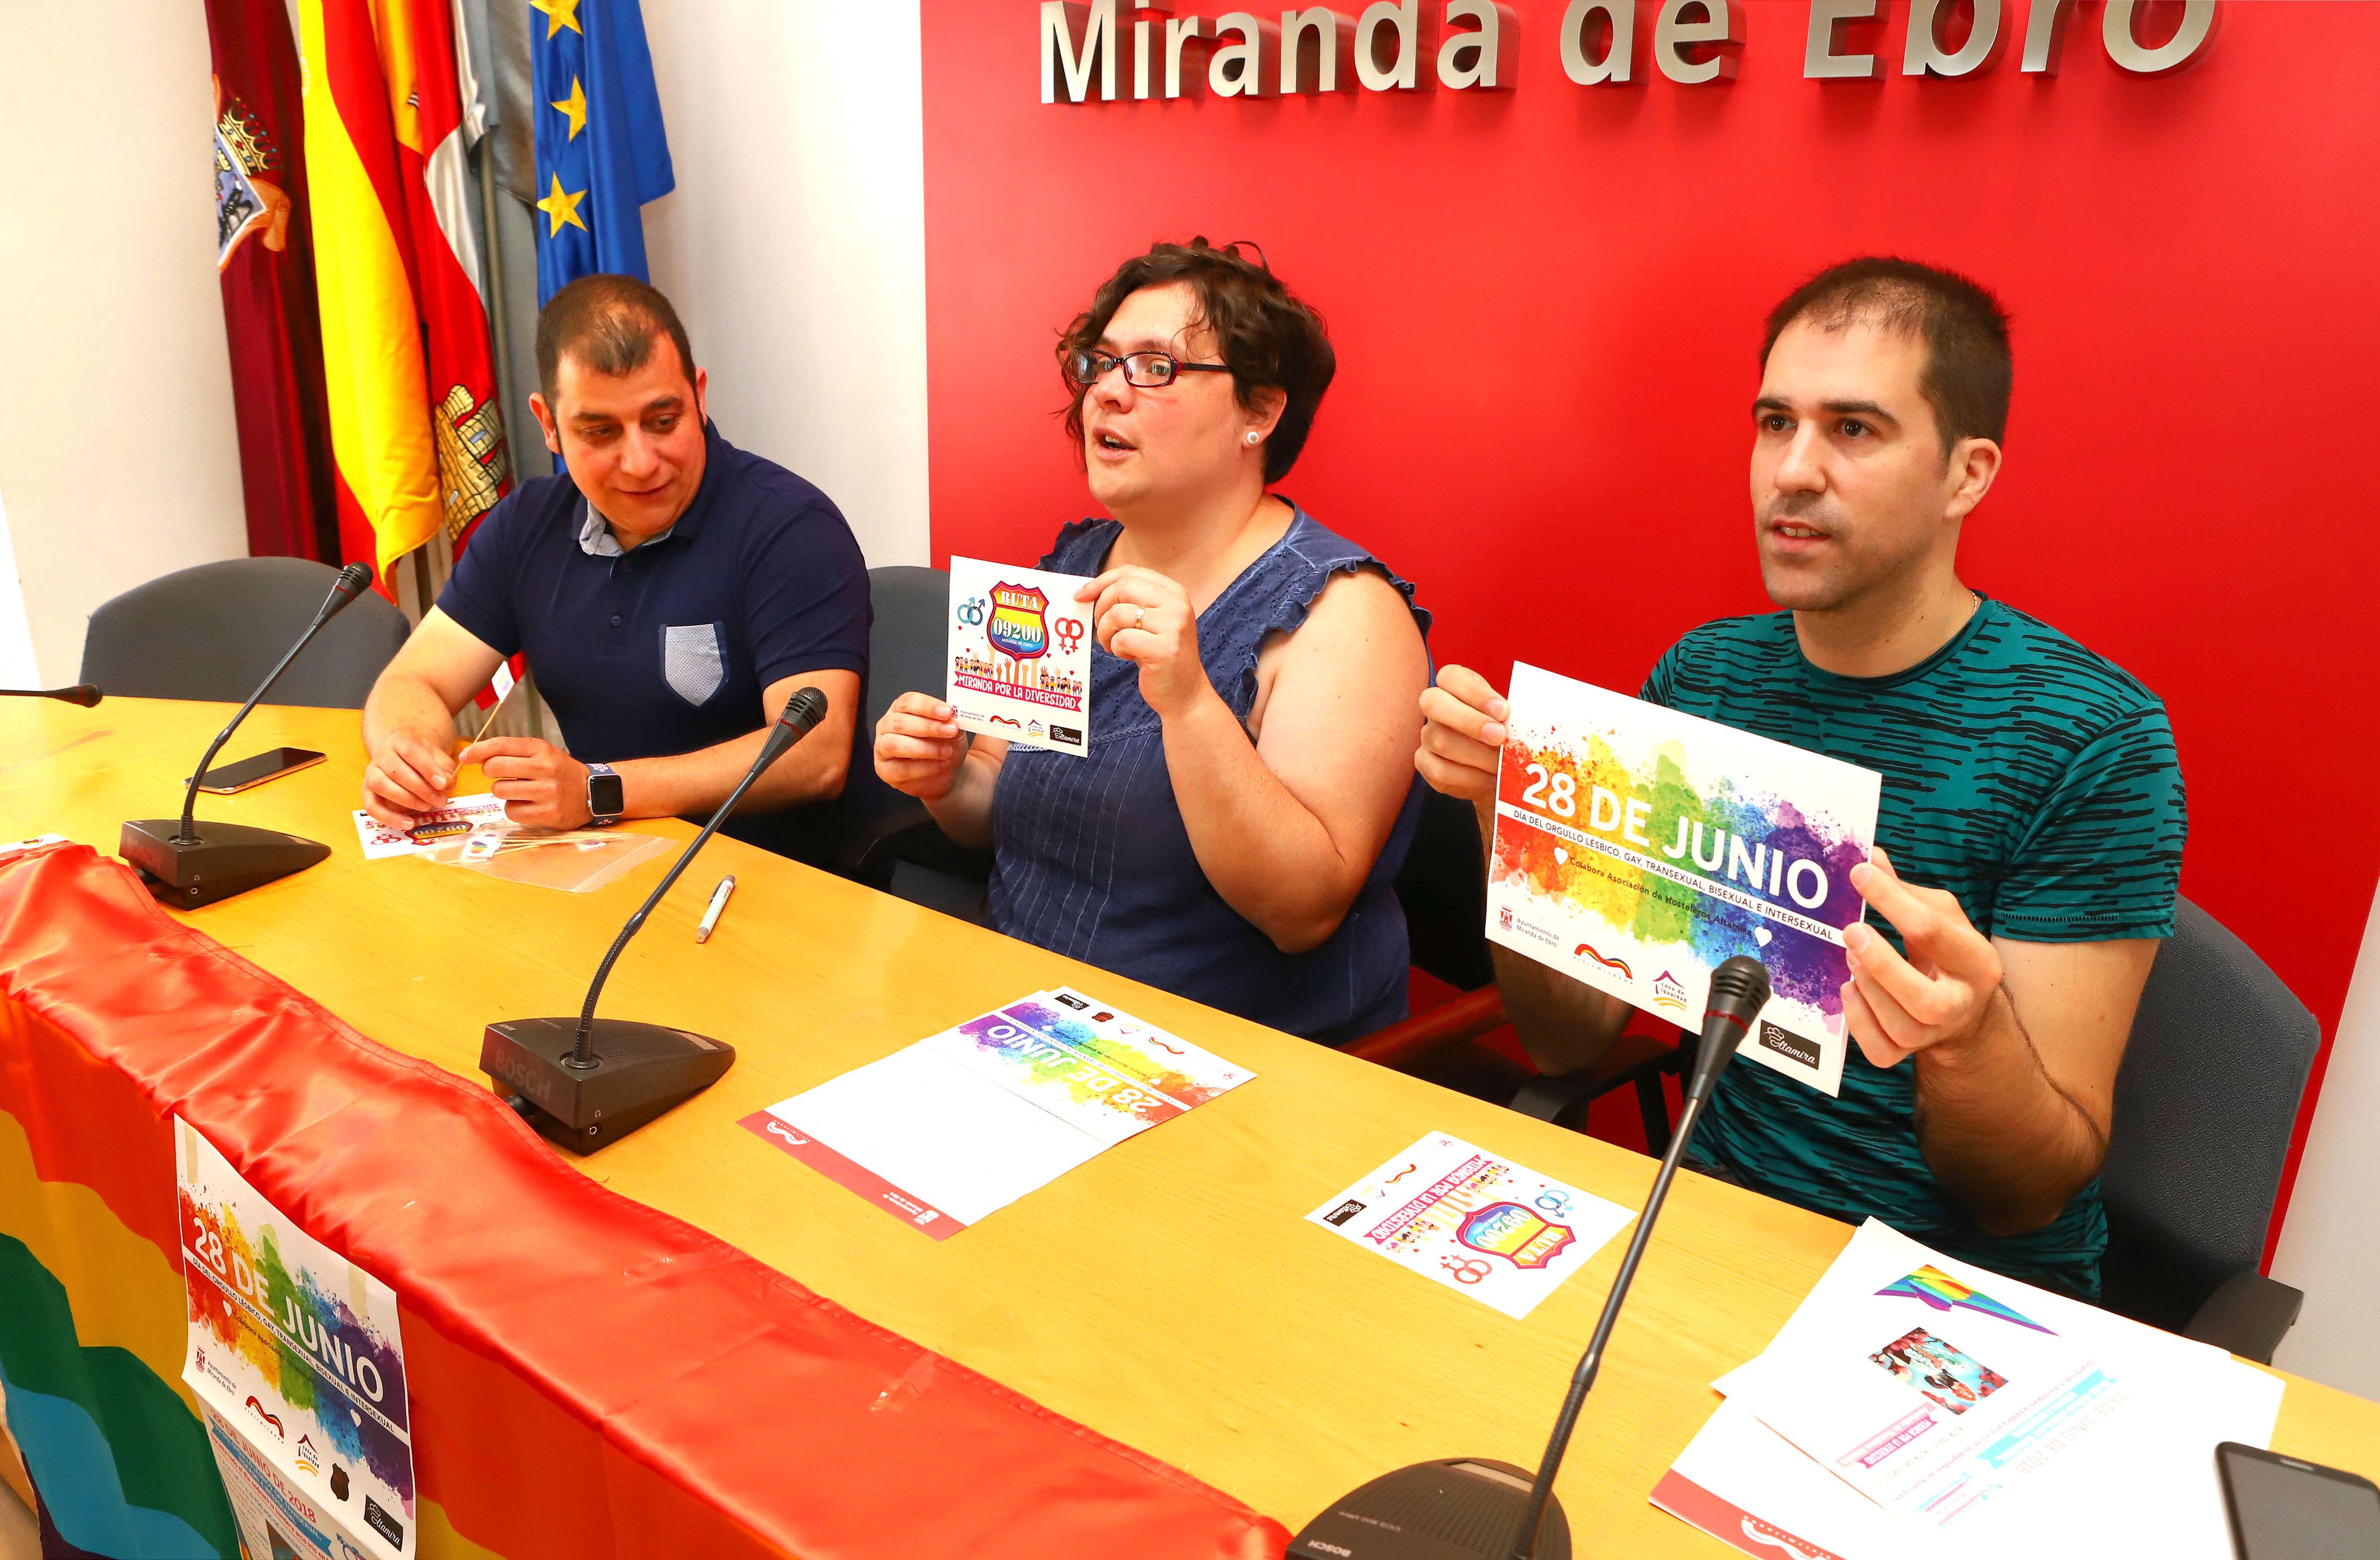 Miranda celebrará el Día del Orgullo con actividades festivas y de concienciación